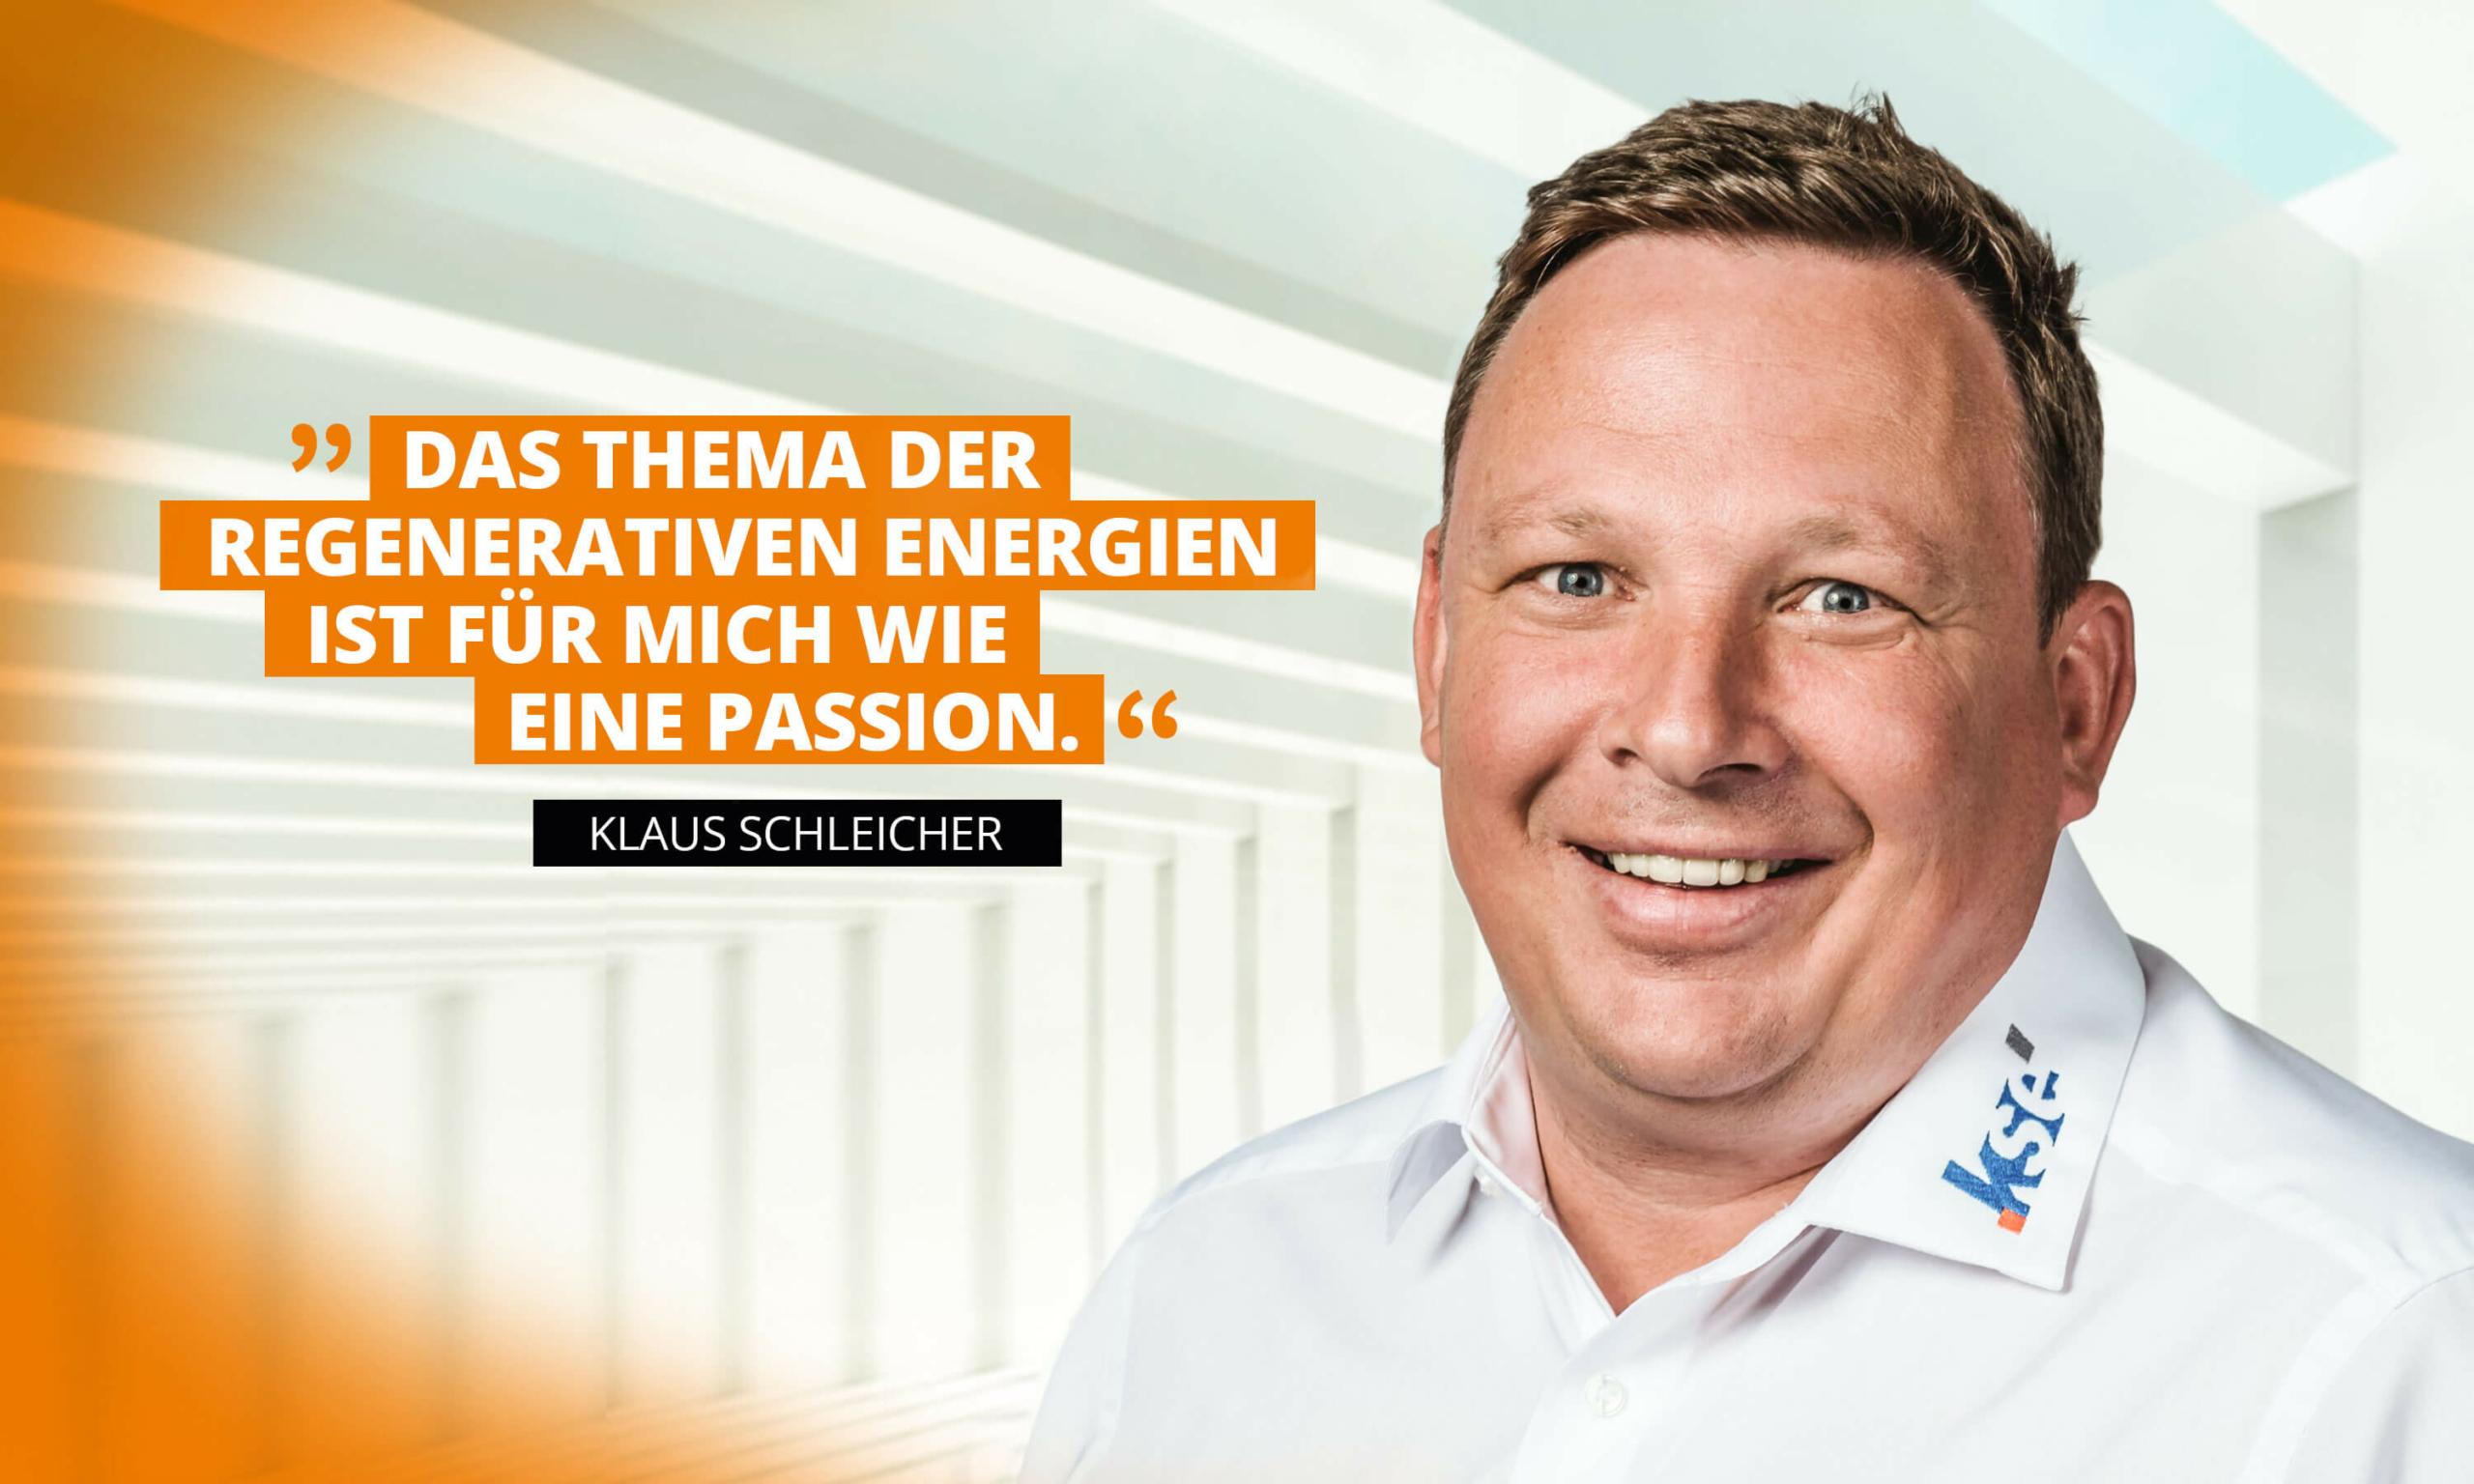 KSE - Klaus Schleicher